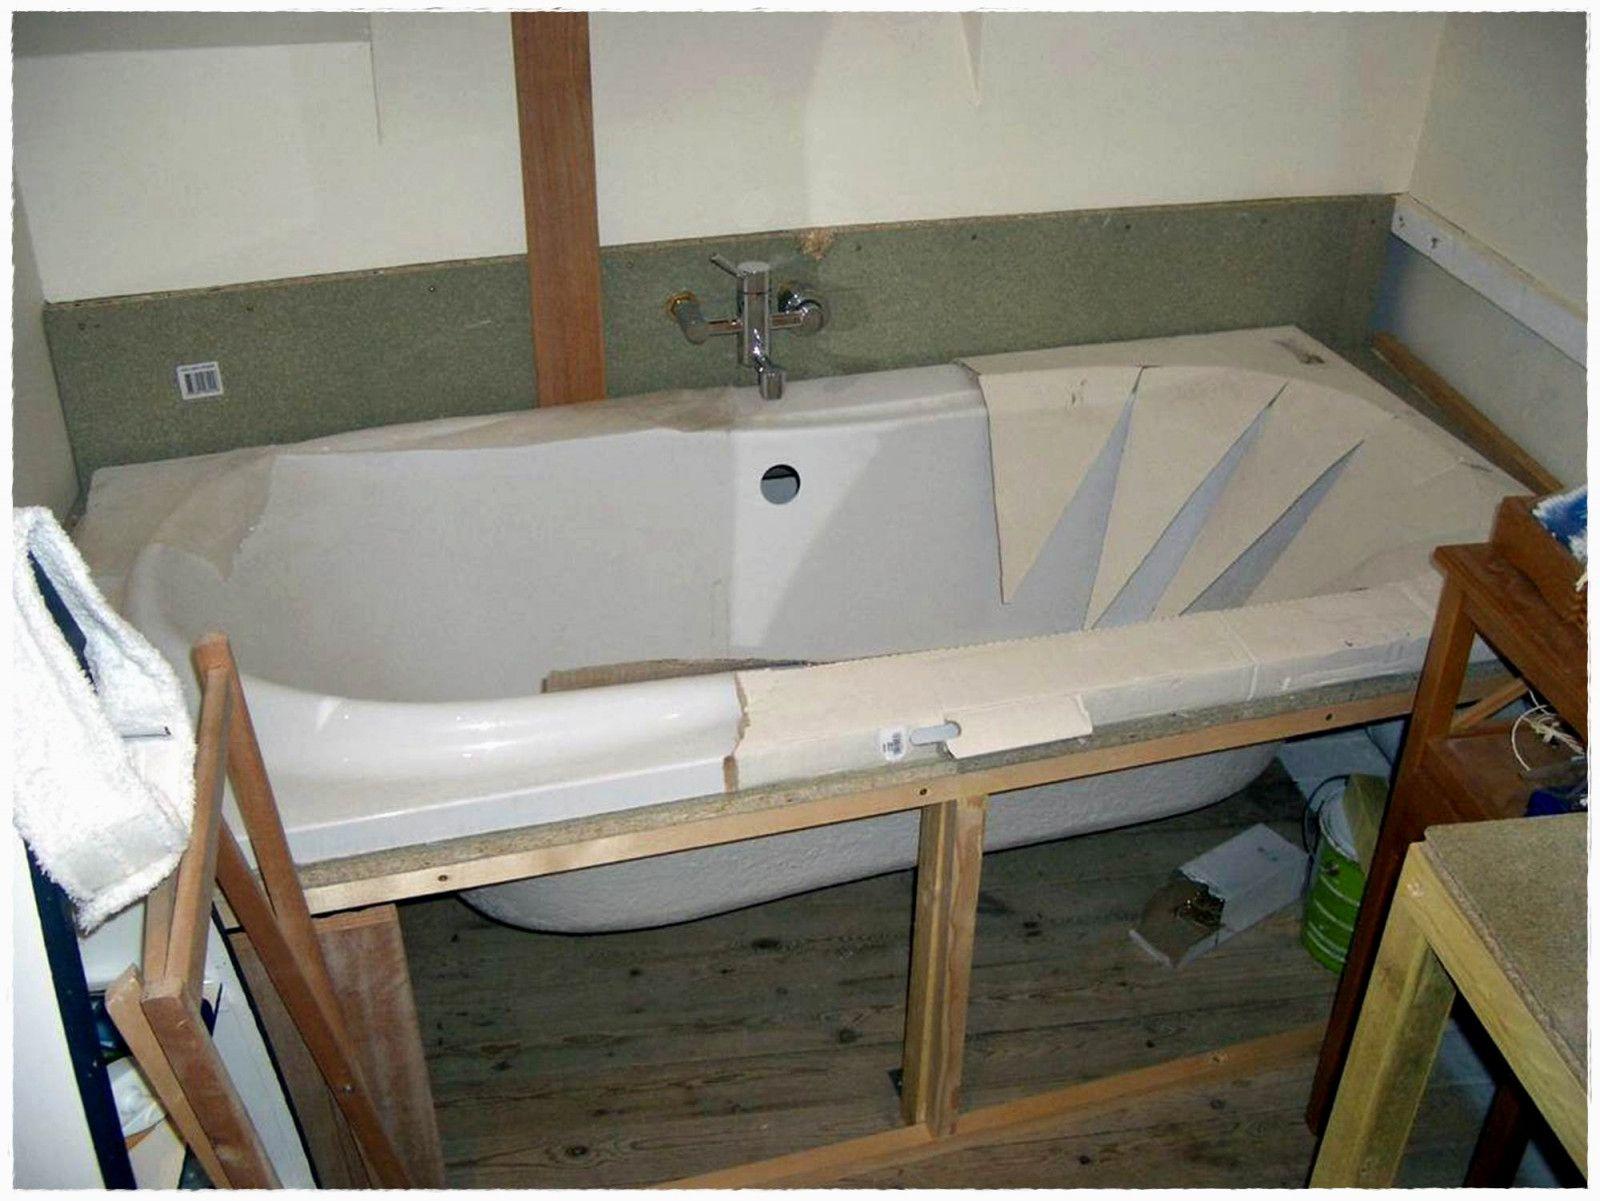 Baignoire Patte De Lion Baignoire Patte De Lion Baignoire Patte De Lion Elegant Baignoire Patte De Lion Baignoire Patte De Lion Elegant Baign Bathtub Bathroom